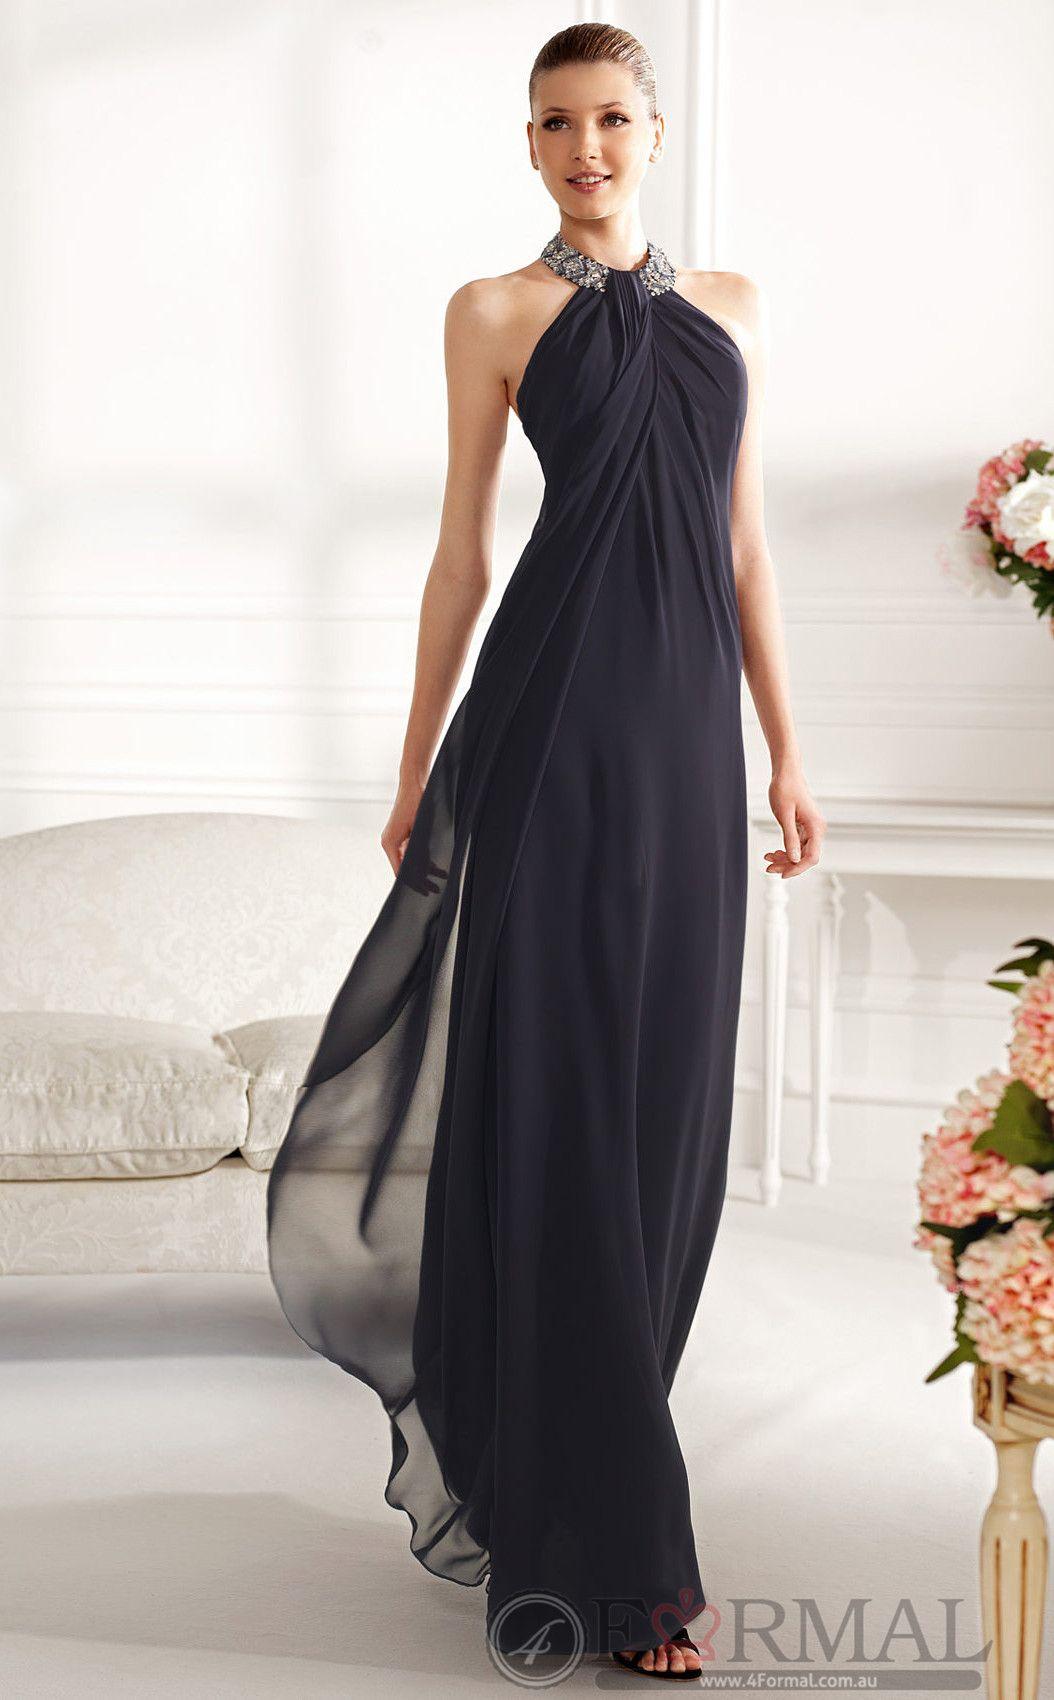 Blue long evening formal dress for prom jtau at formal